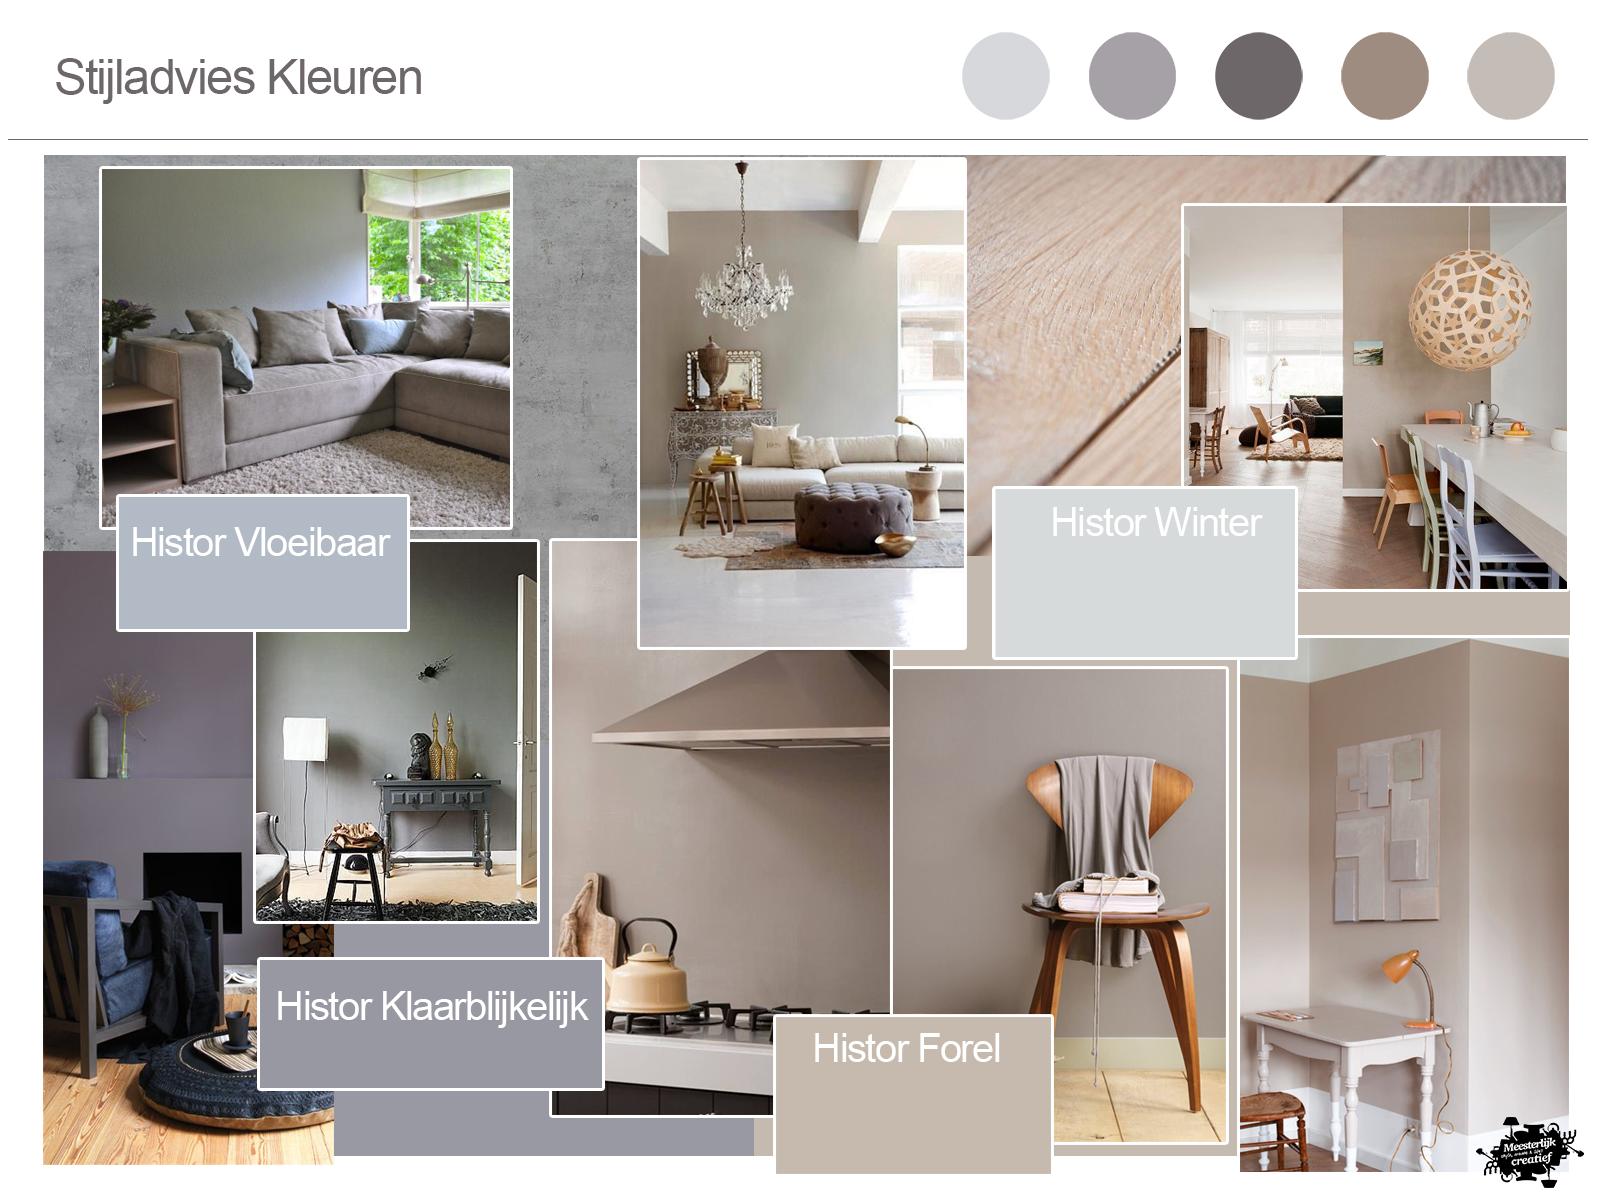 Stoer Landelijk Interieur : Landelijk stoer woonkamer interieur huisdecoratie